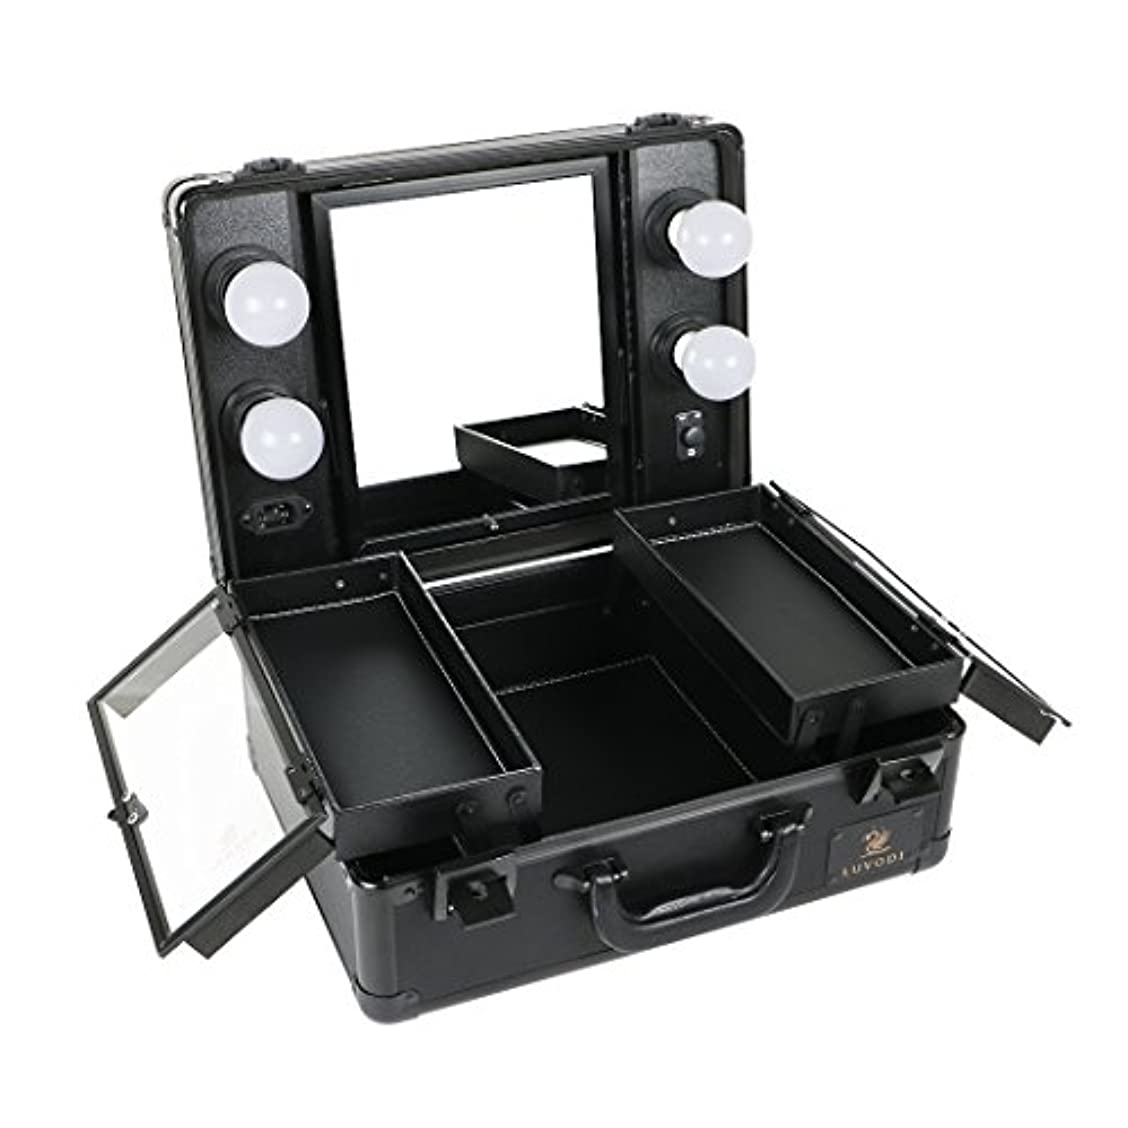 すずめどこパンサーLUVODI メイクボックス 鏡付き プロ用 コスメ収納ケース 大容量 ハリウッドミラー LEDライト 調光機能付き 卓上 ミニドレッサー 持ち運び 鏡台 鍵付き おしゃれ(黒)